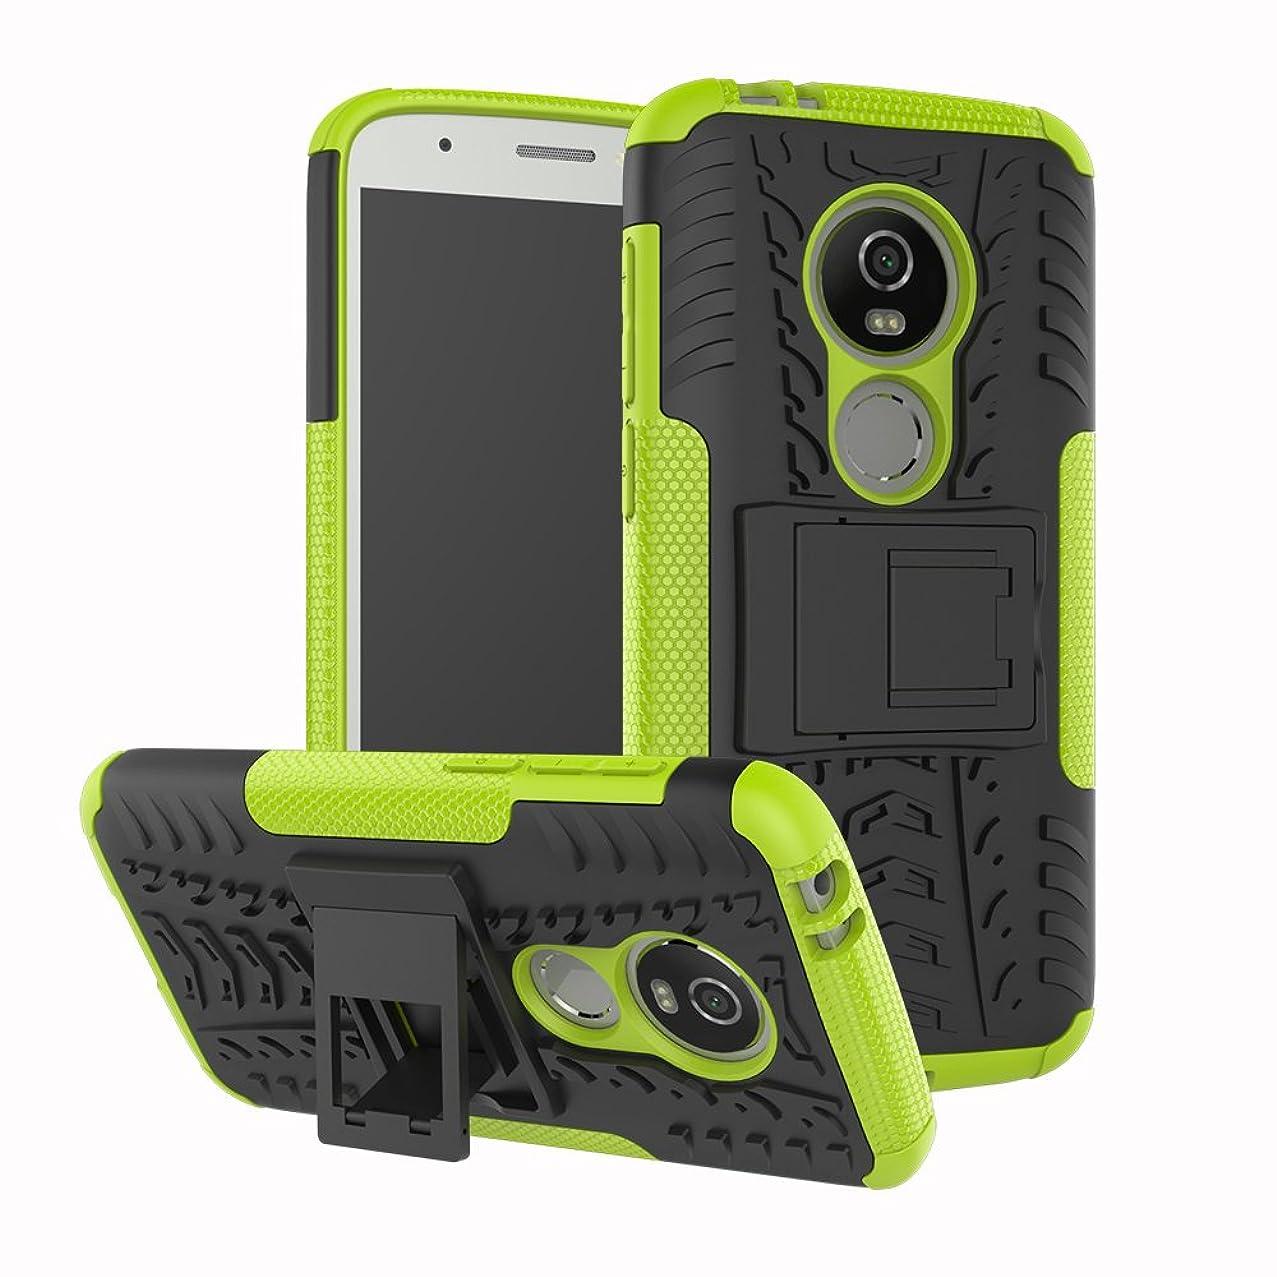 Moto E5 Play Case, Moto E5 Cruise Case, Boythink Double-Layer Hybrid Shock Resistant Armor With Kickstand Full-Body Protective Case Cover For Motorola Moto E5 Play (Green)